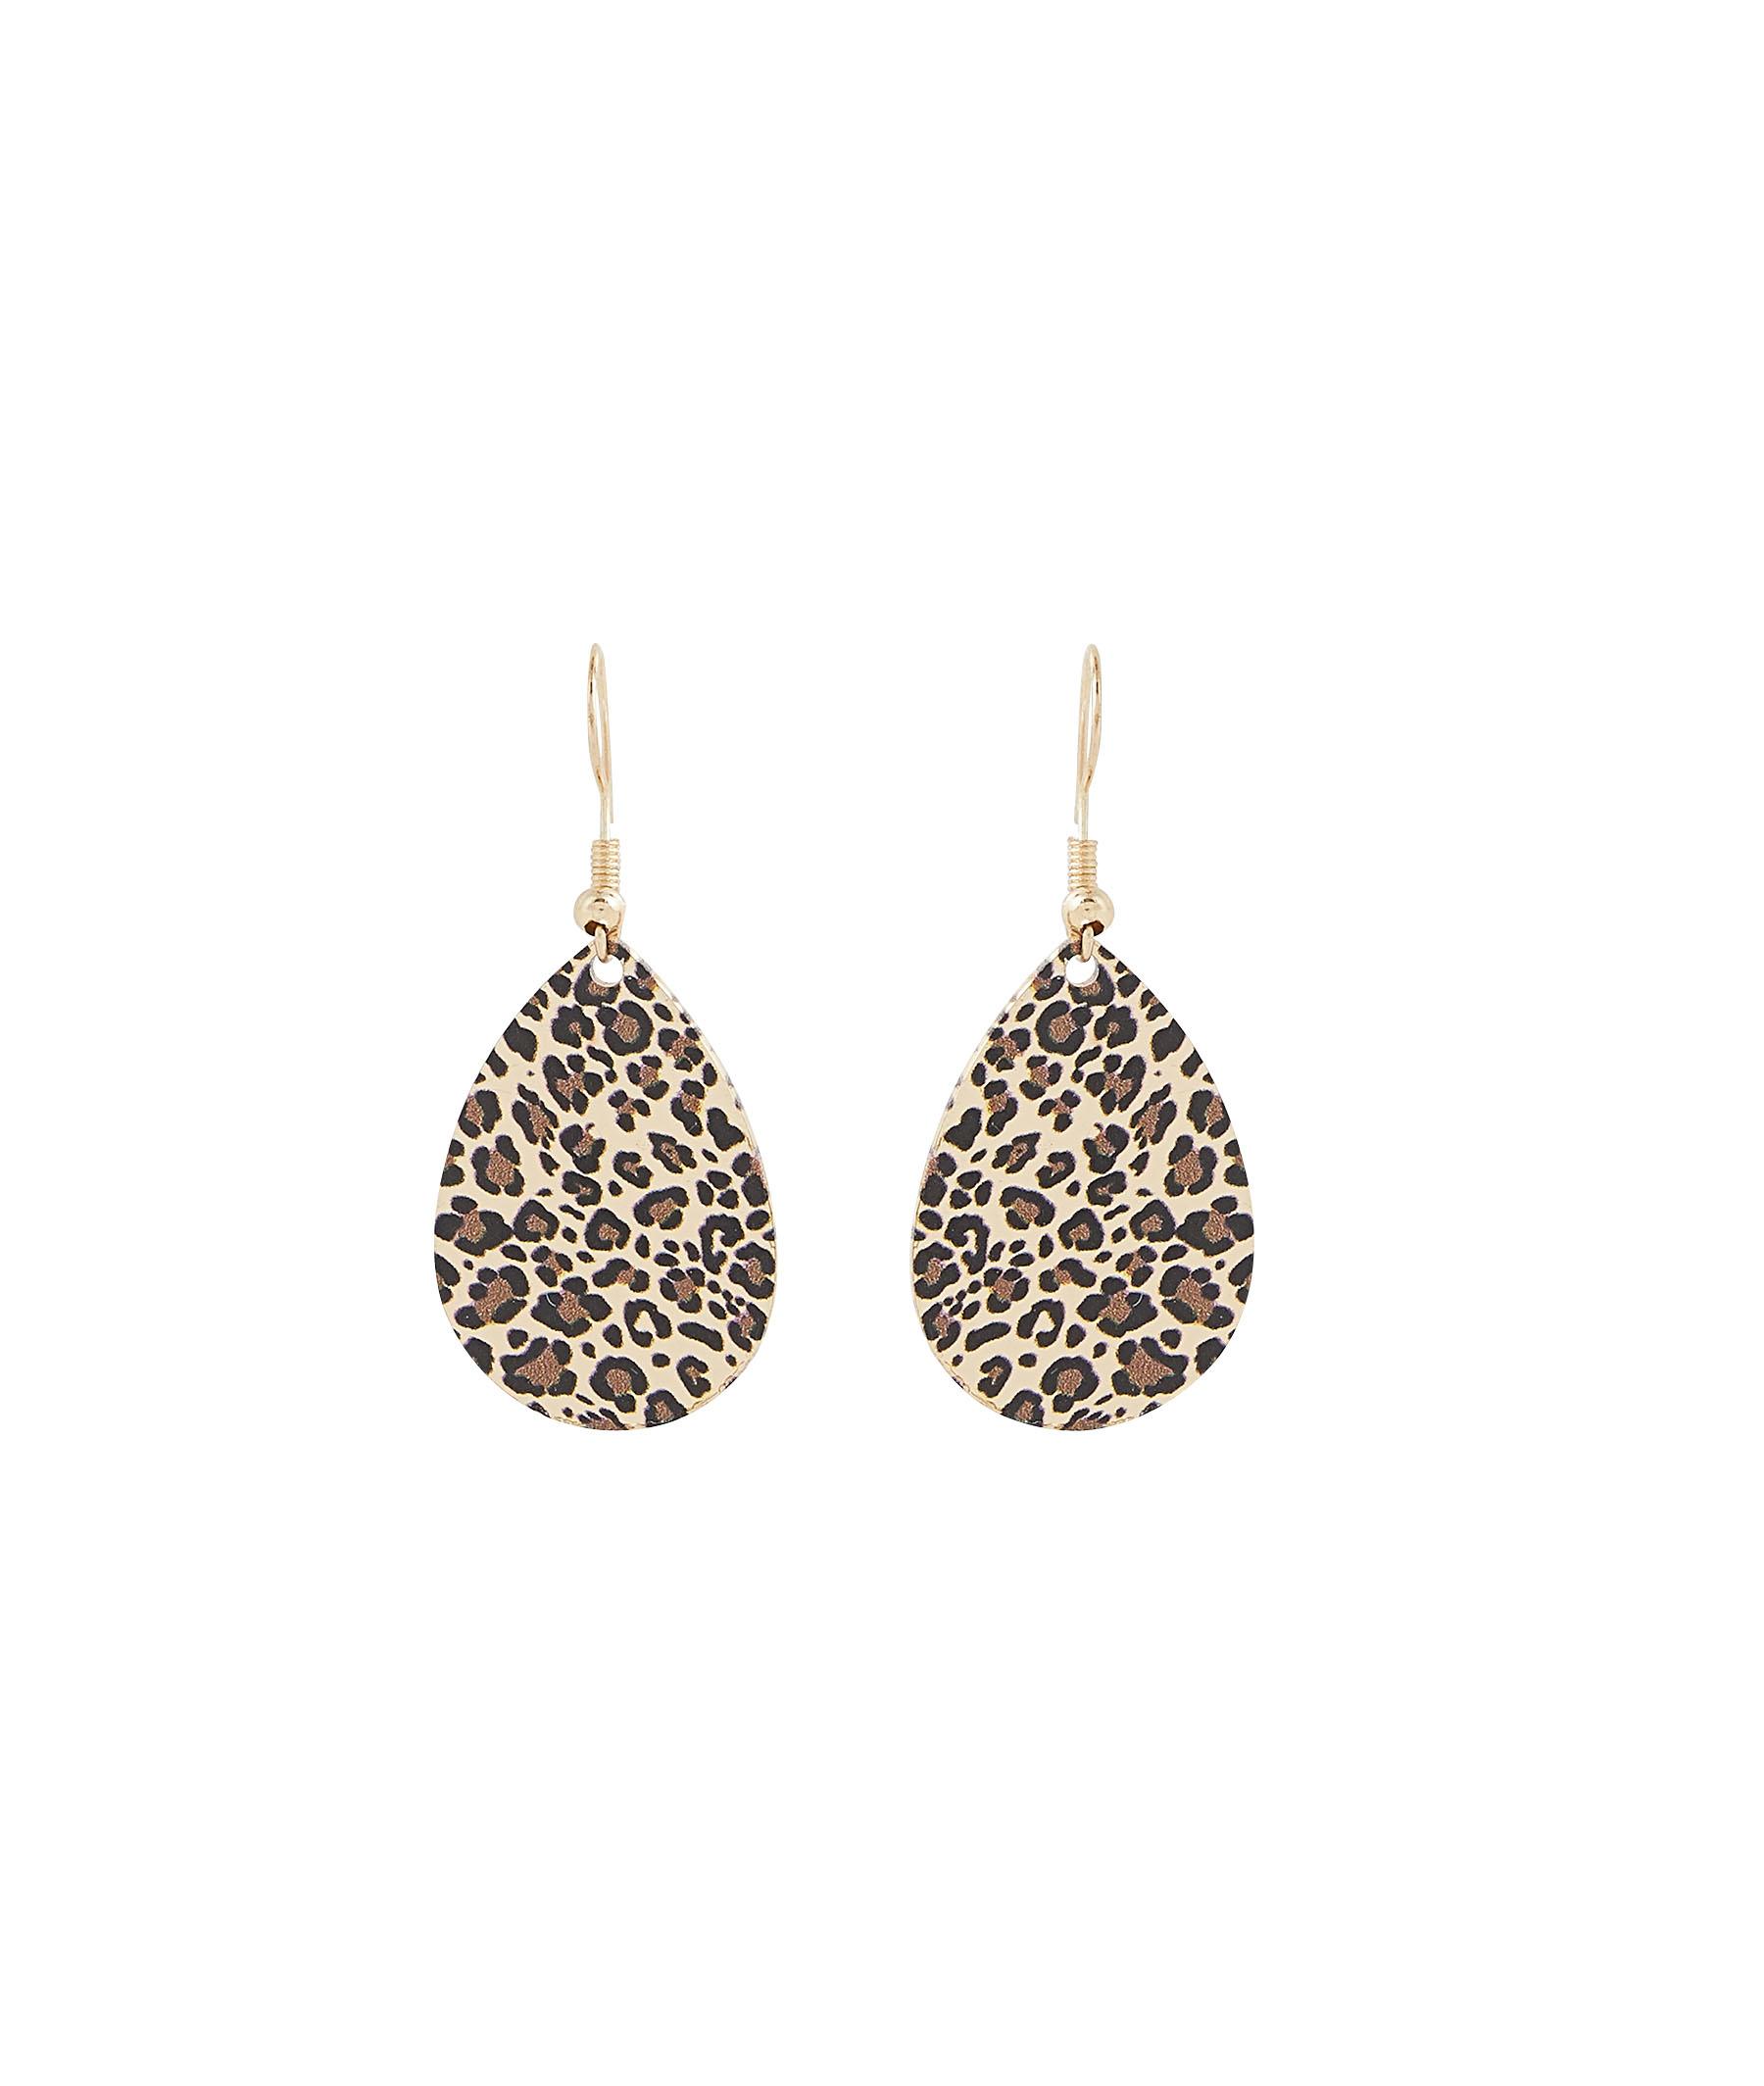 Boucles d'oreilles imprimé léopard 2 TONS